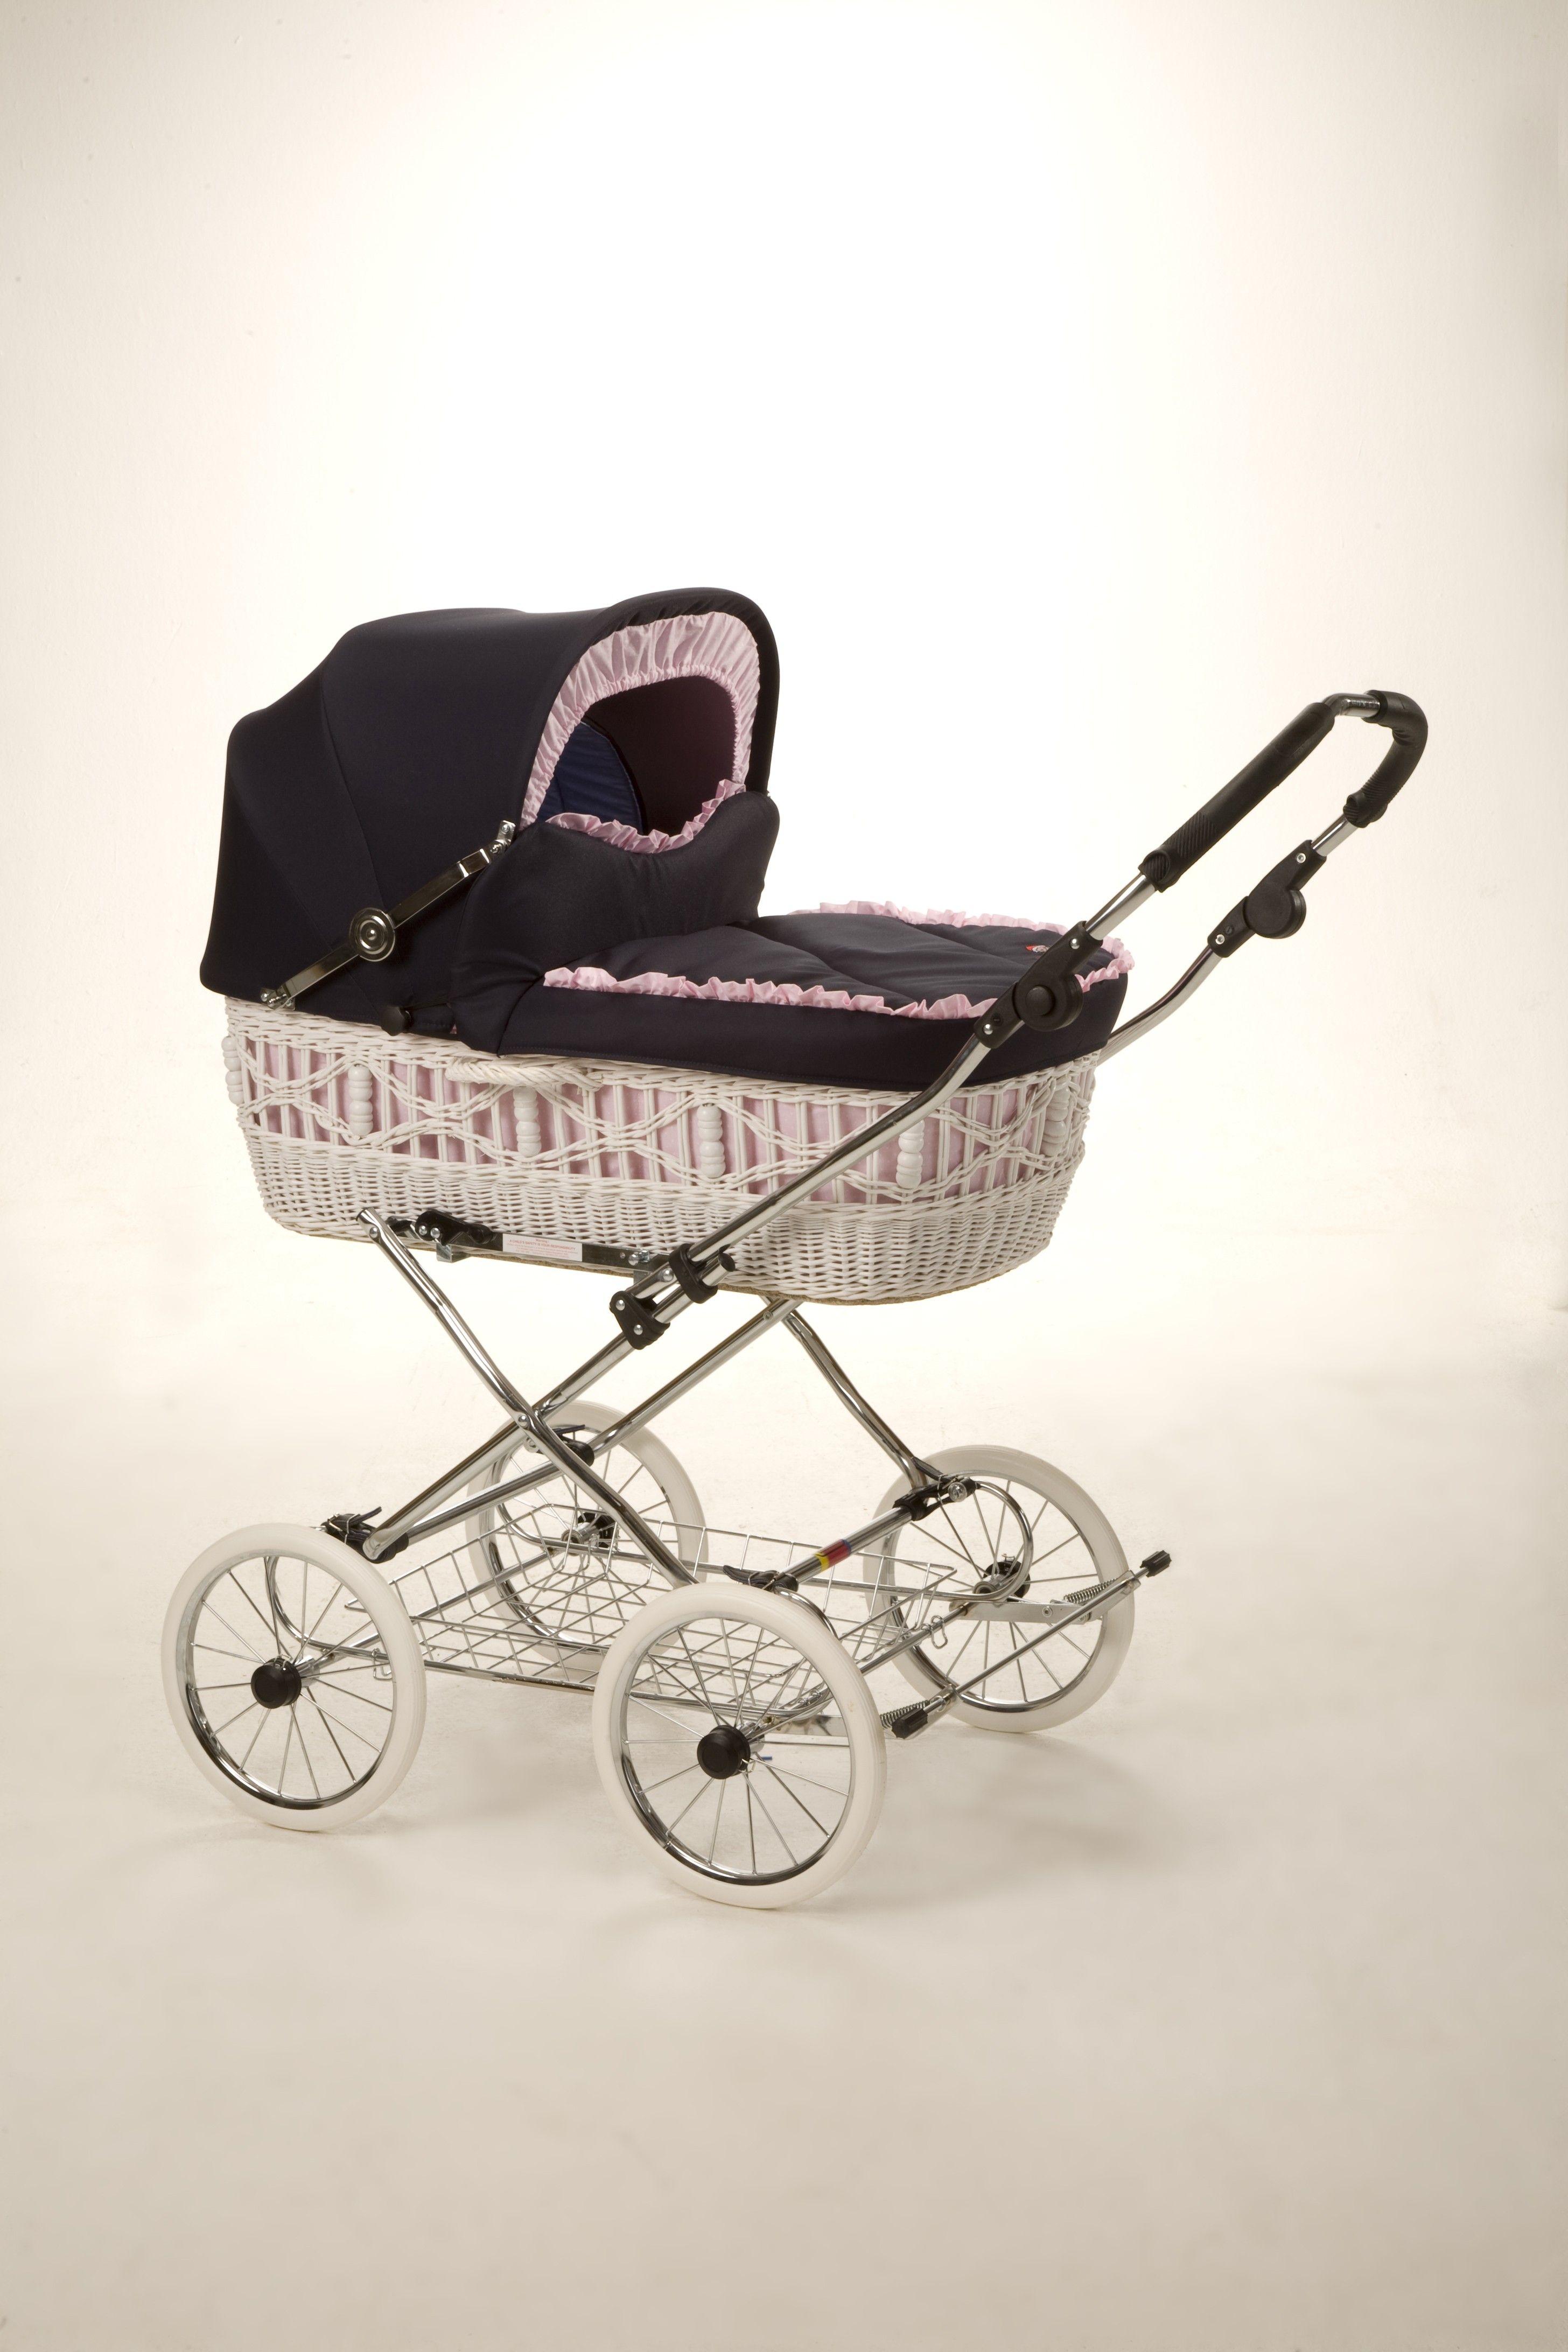 kinderwagen. baby carriage =)